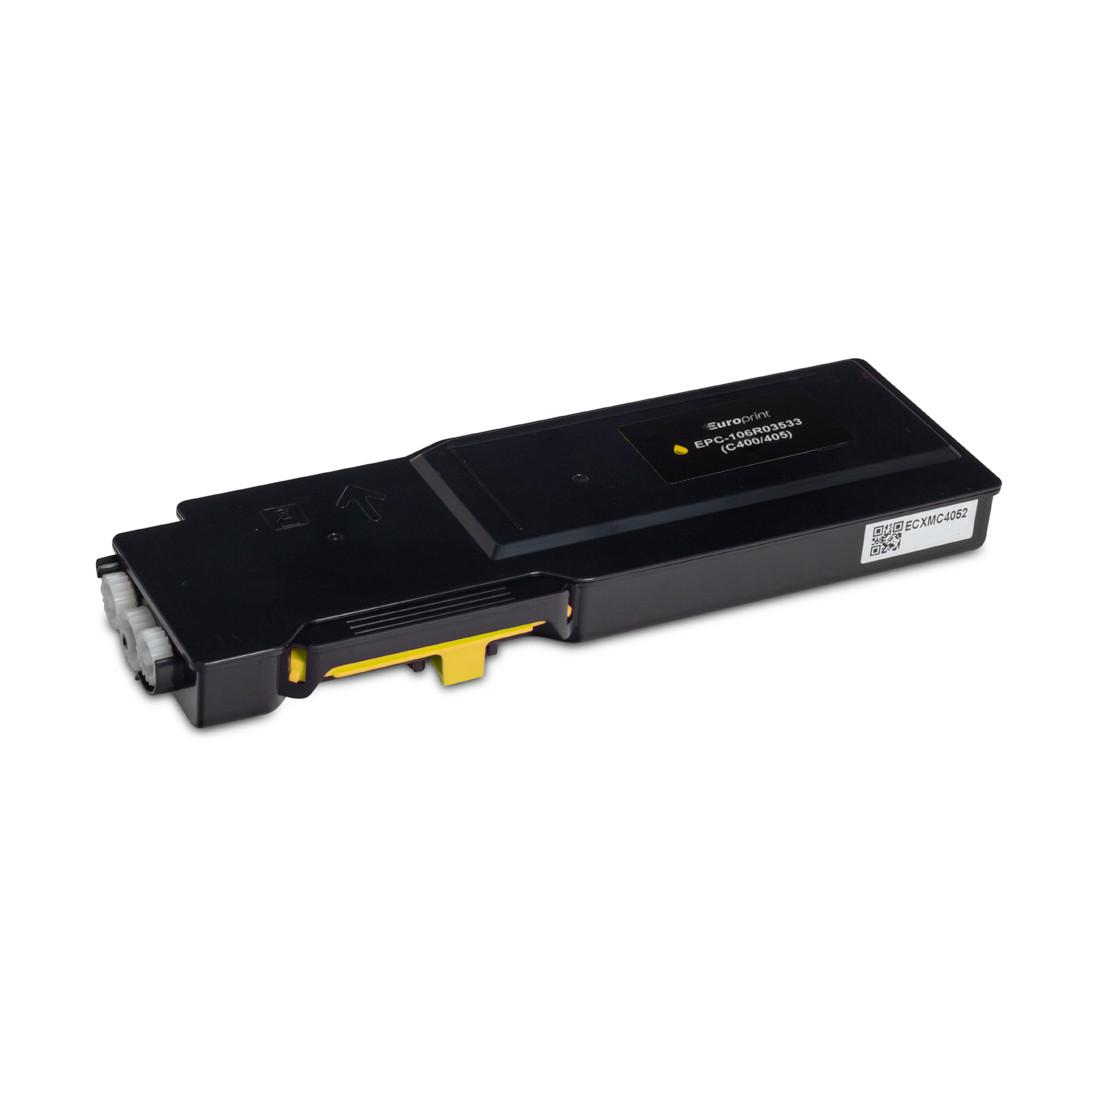 Картридж Europrint EPC-106R03533 Жёлтый (C400/405)